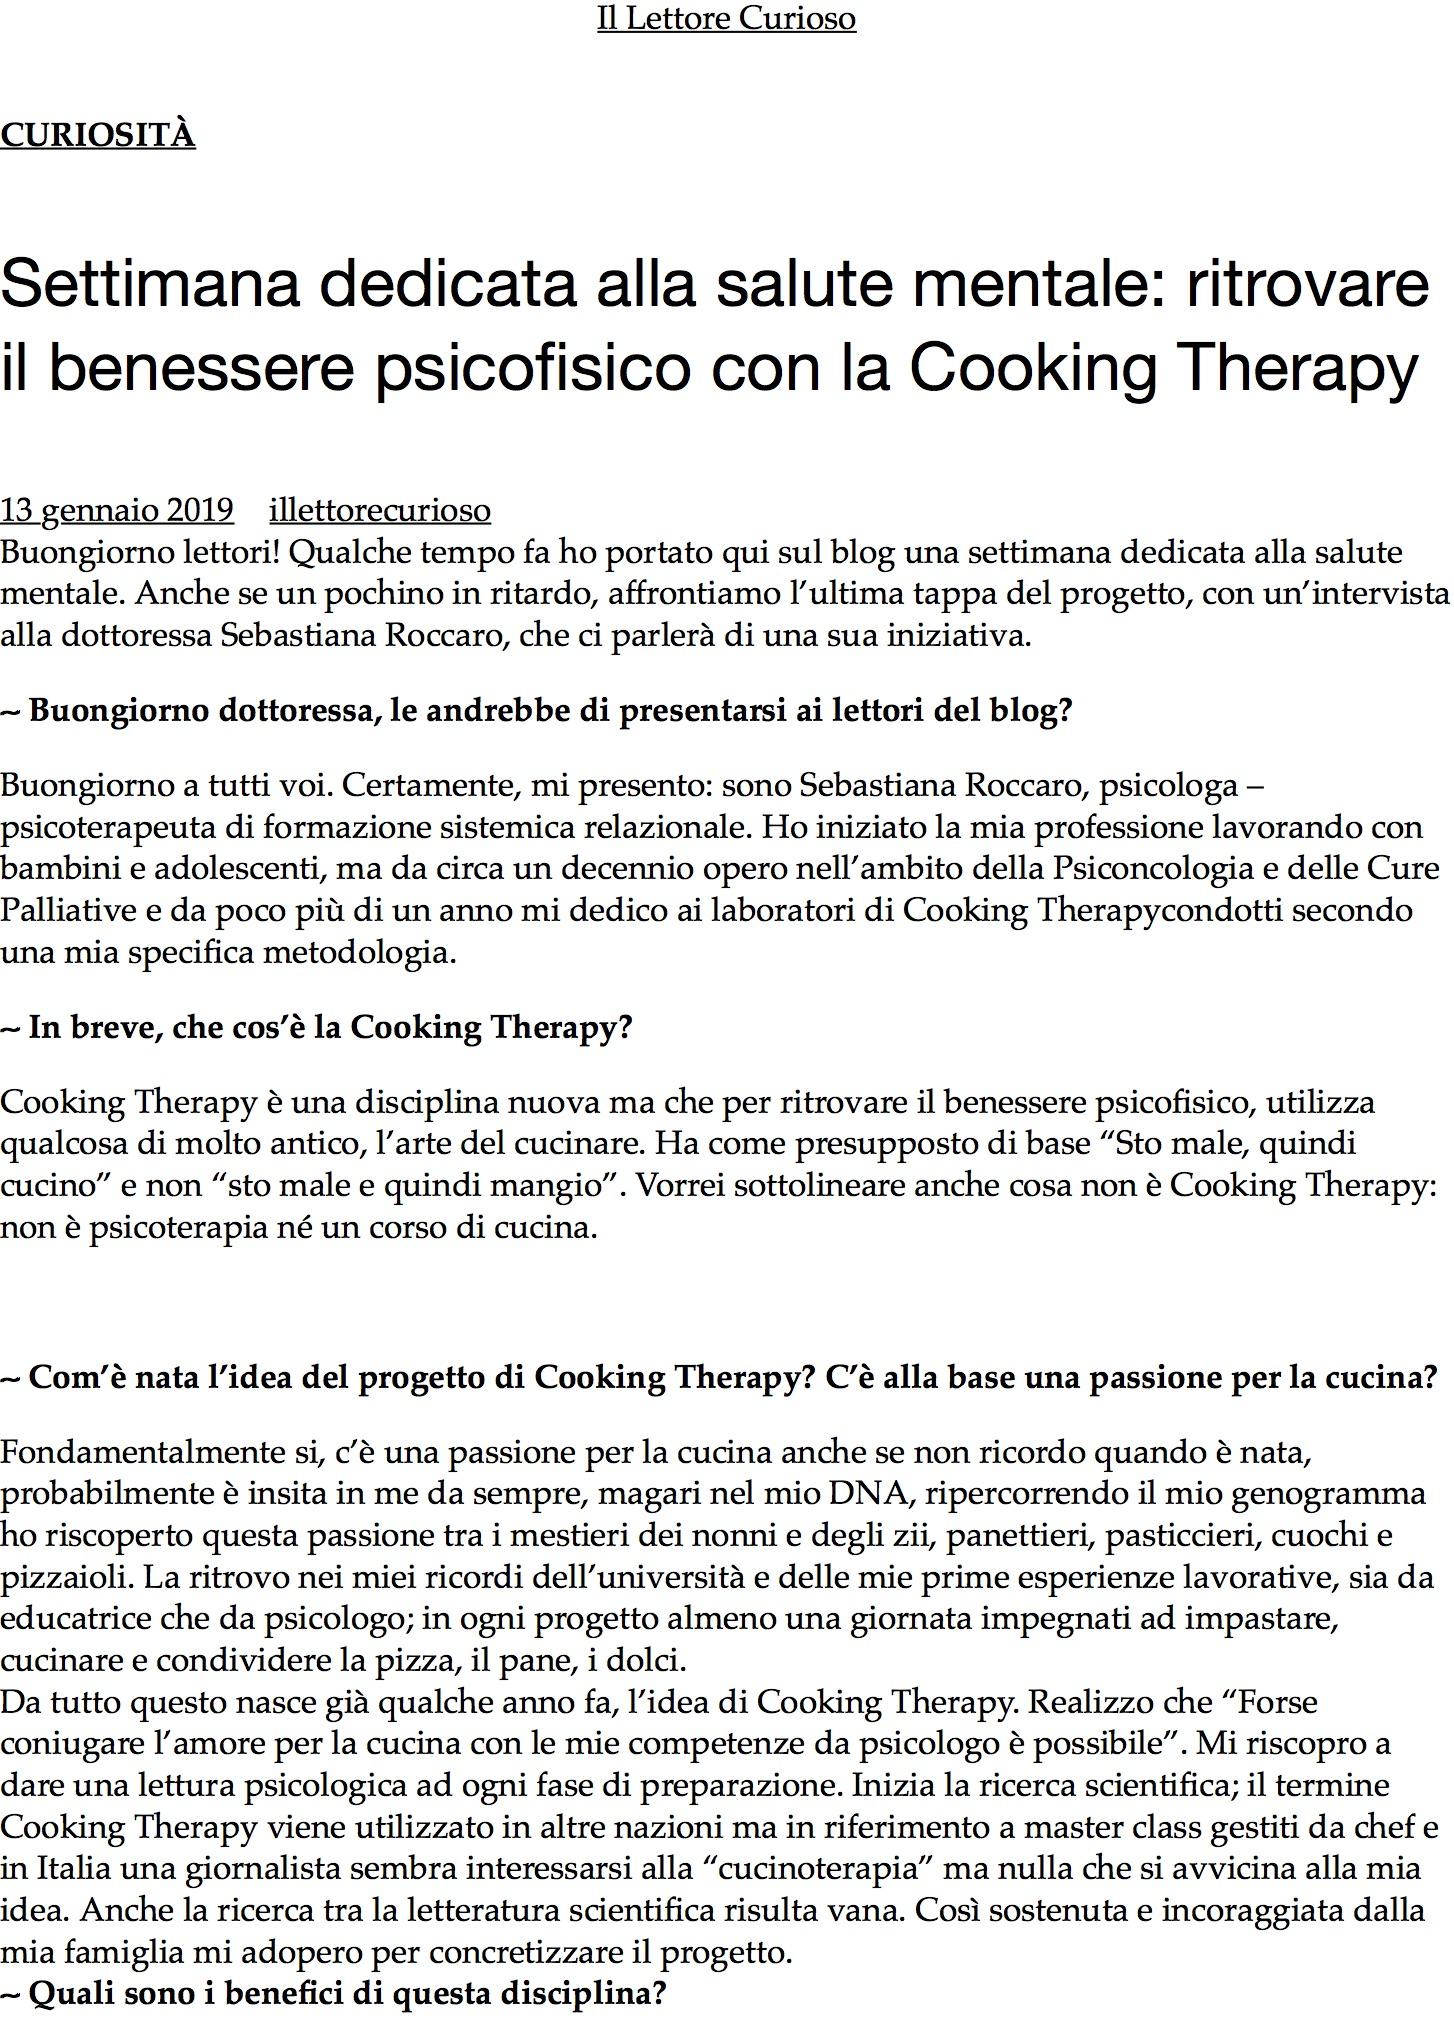 Settimana dedicata alla salute mentale: ritrovare il benessere psicofisico con la Cooking Therapy – .jpg